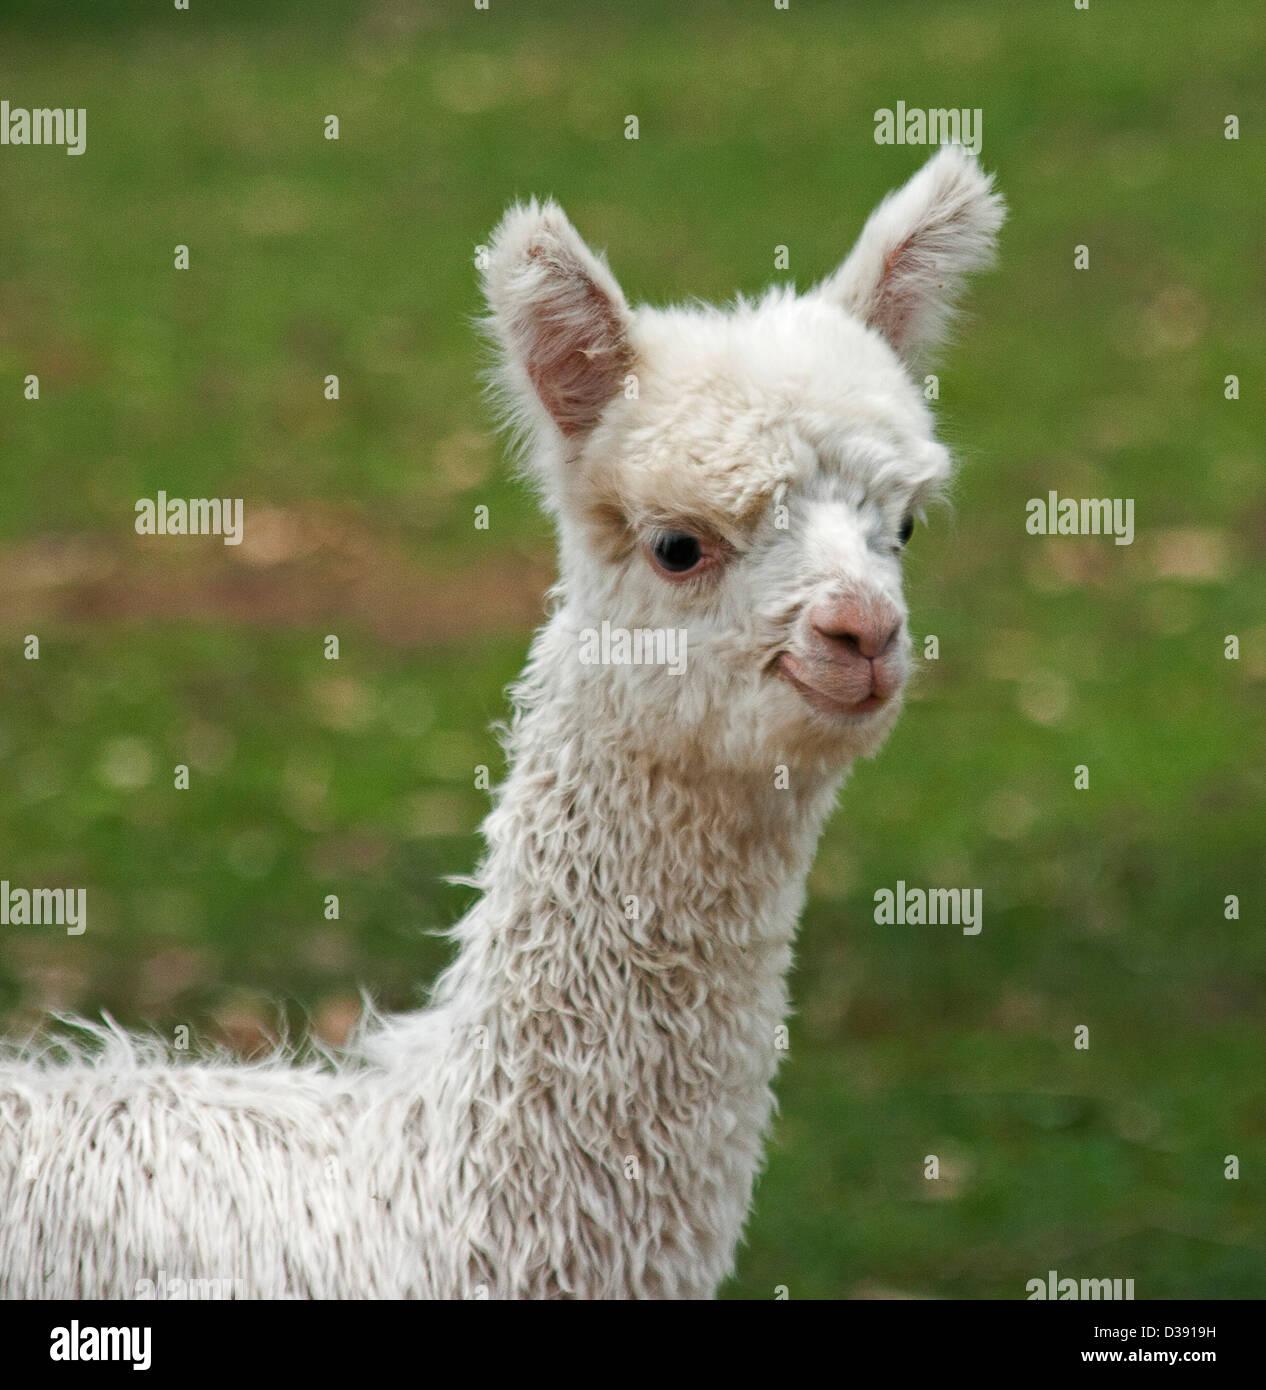 Close up de la tête et le visage de jeune alpaca - cria - contre un fond vert sombre Photo Stock